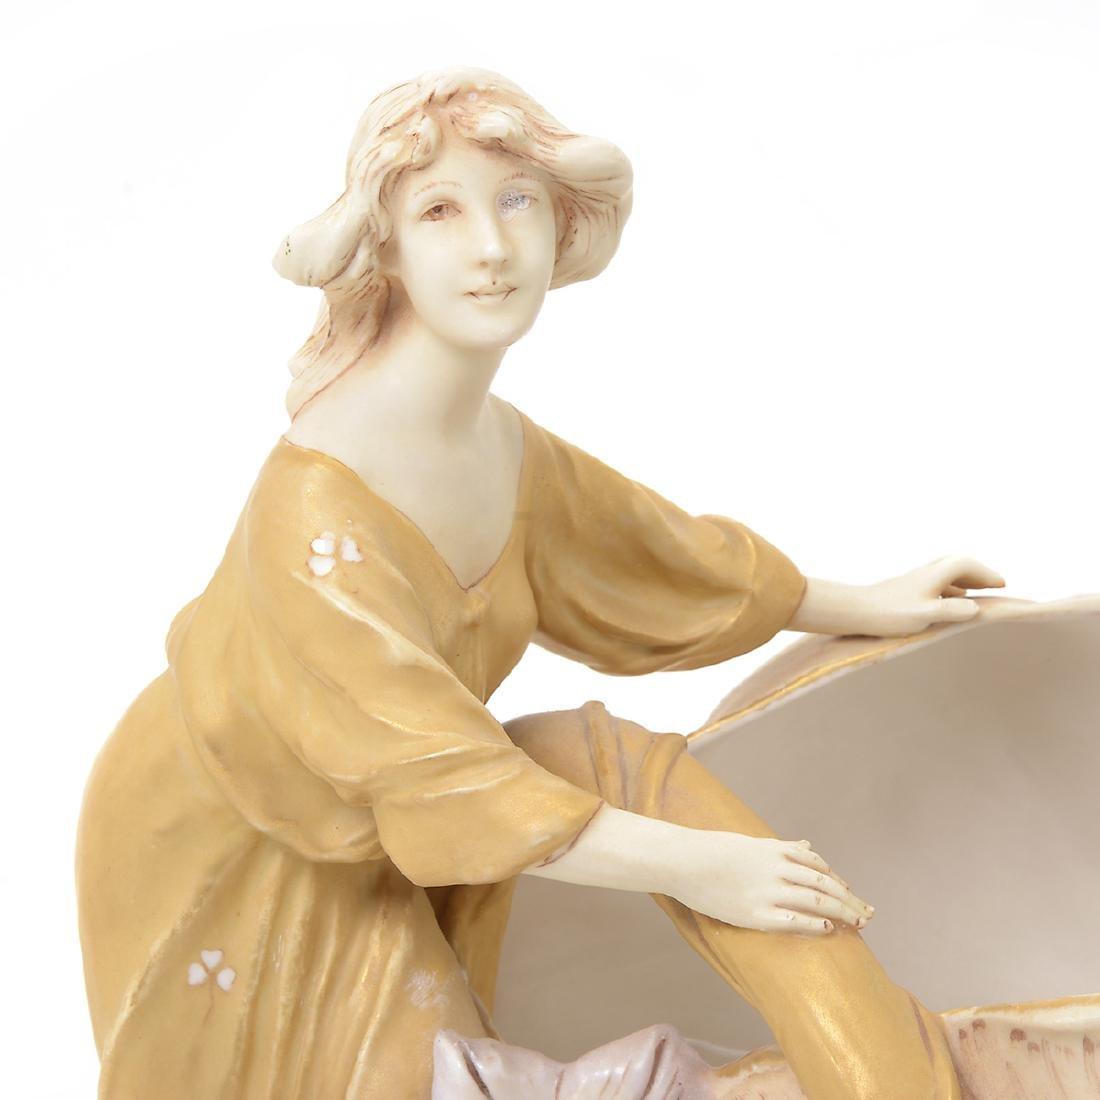 Two Royal Dux Porcelain Shell Form Centerpieces - 4